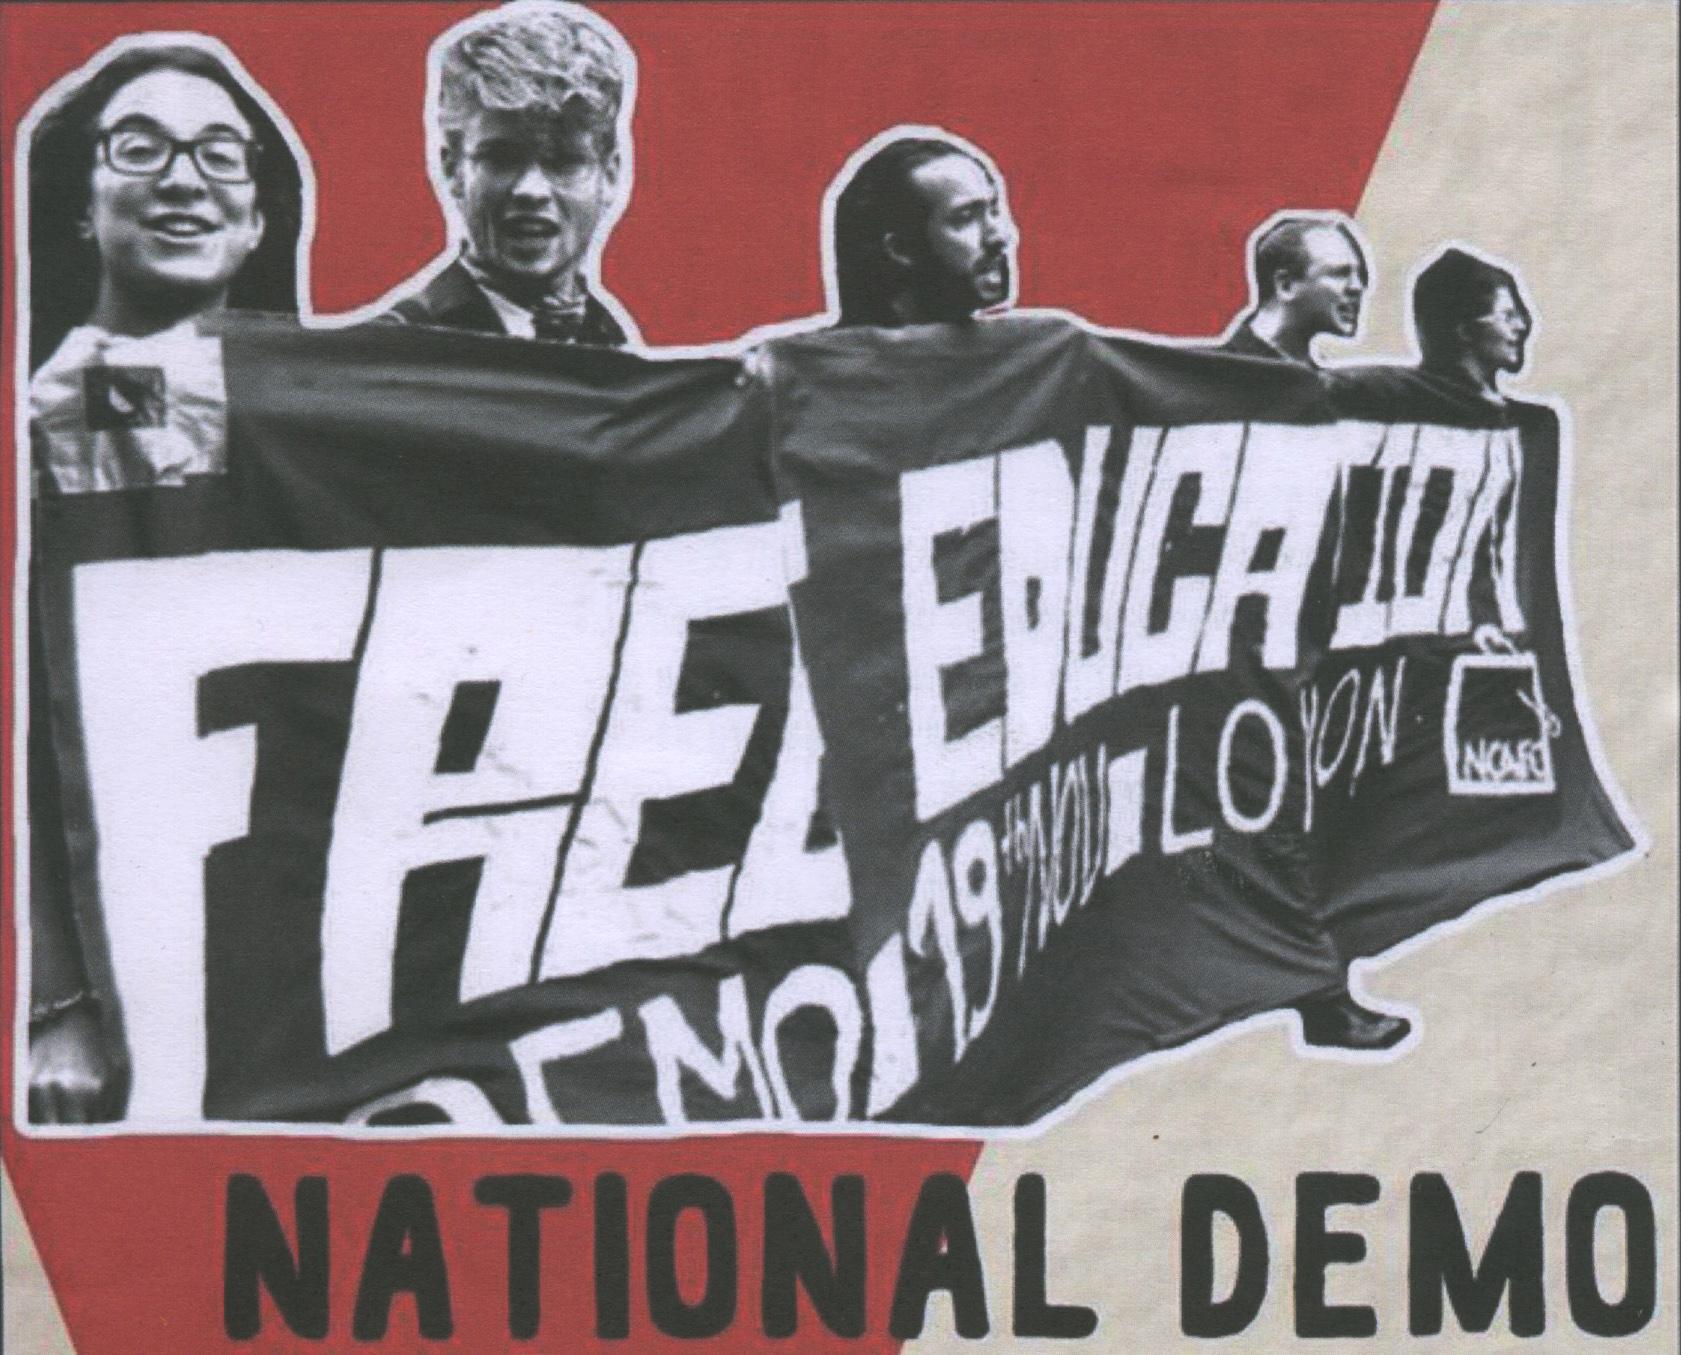 Vintage protest poster